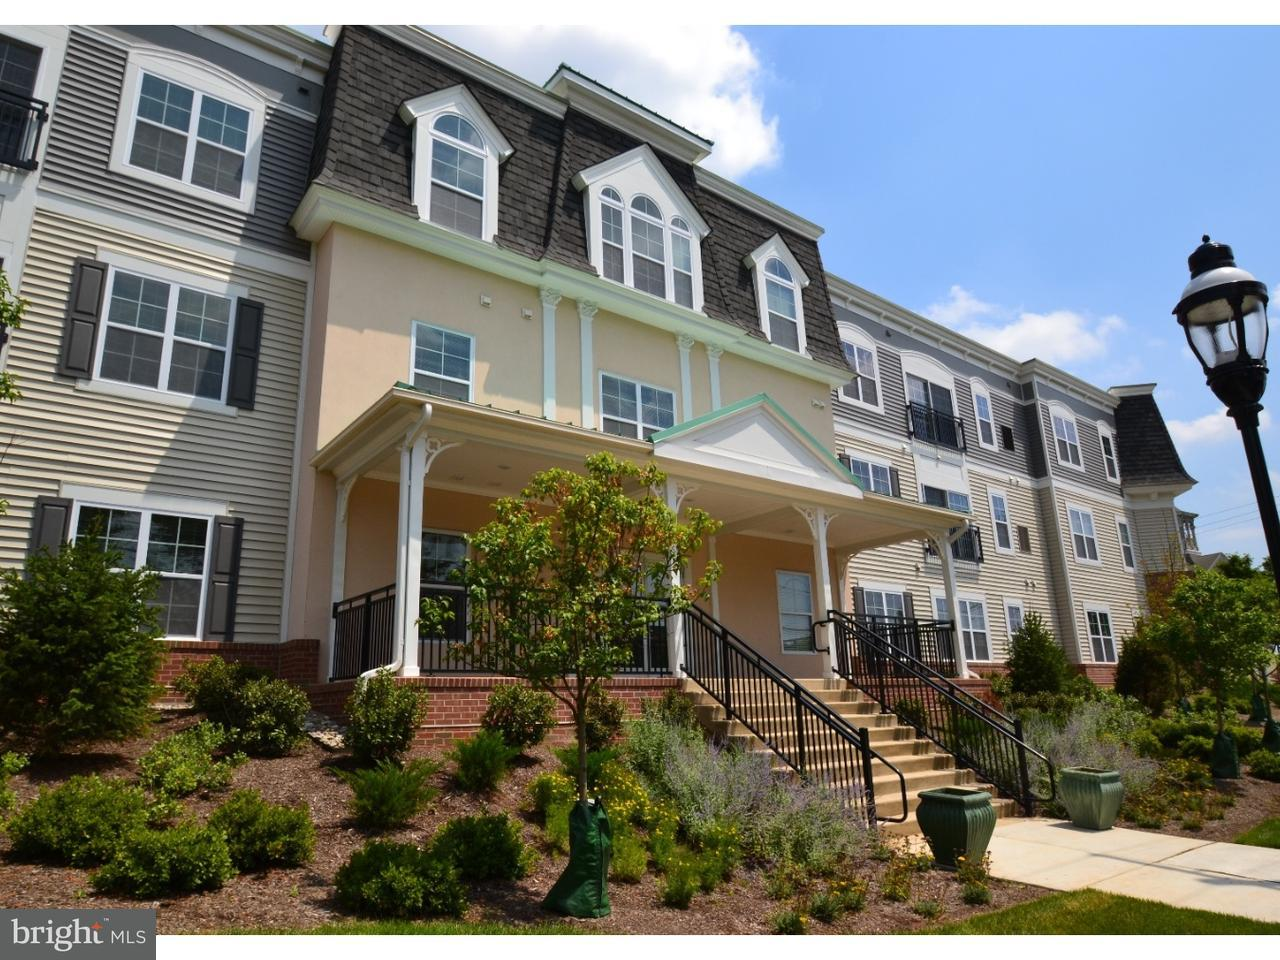 Maison unifamiliale pour l à louer à 131 N MAIN ST #3 Chalfont, Pennsylvanie 18914 États-Unis